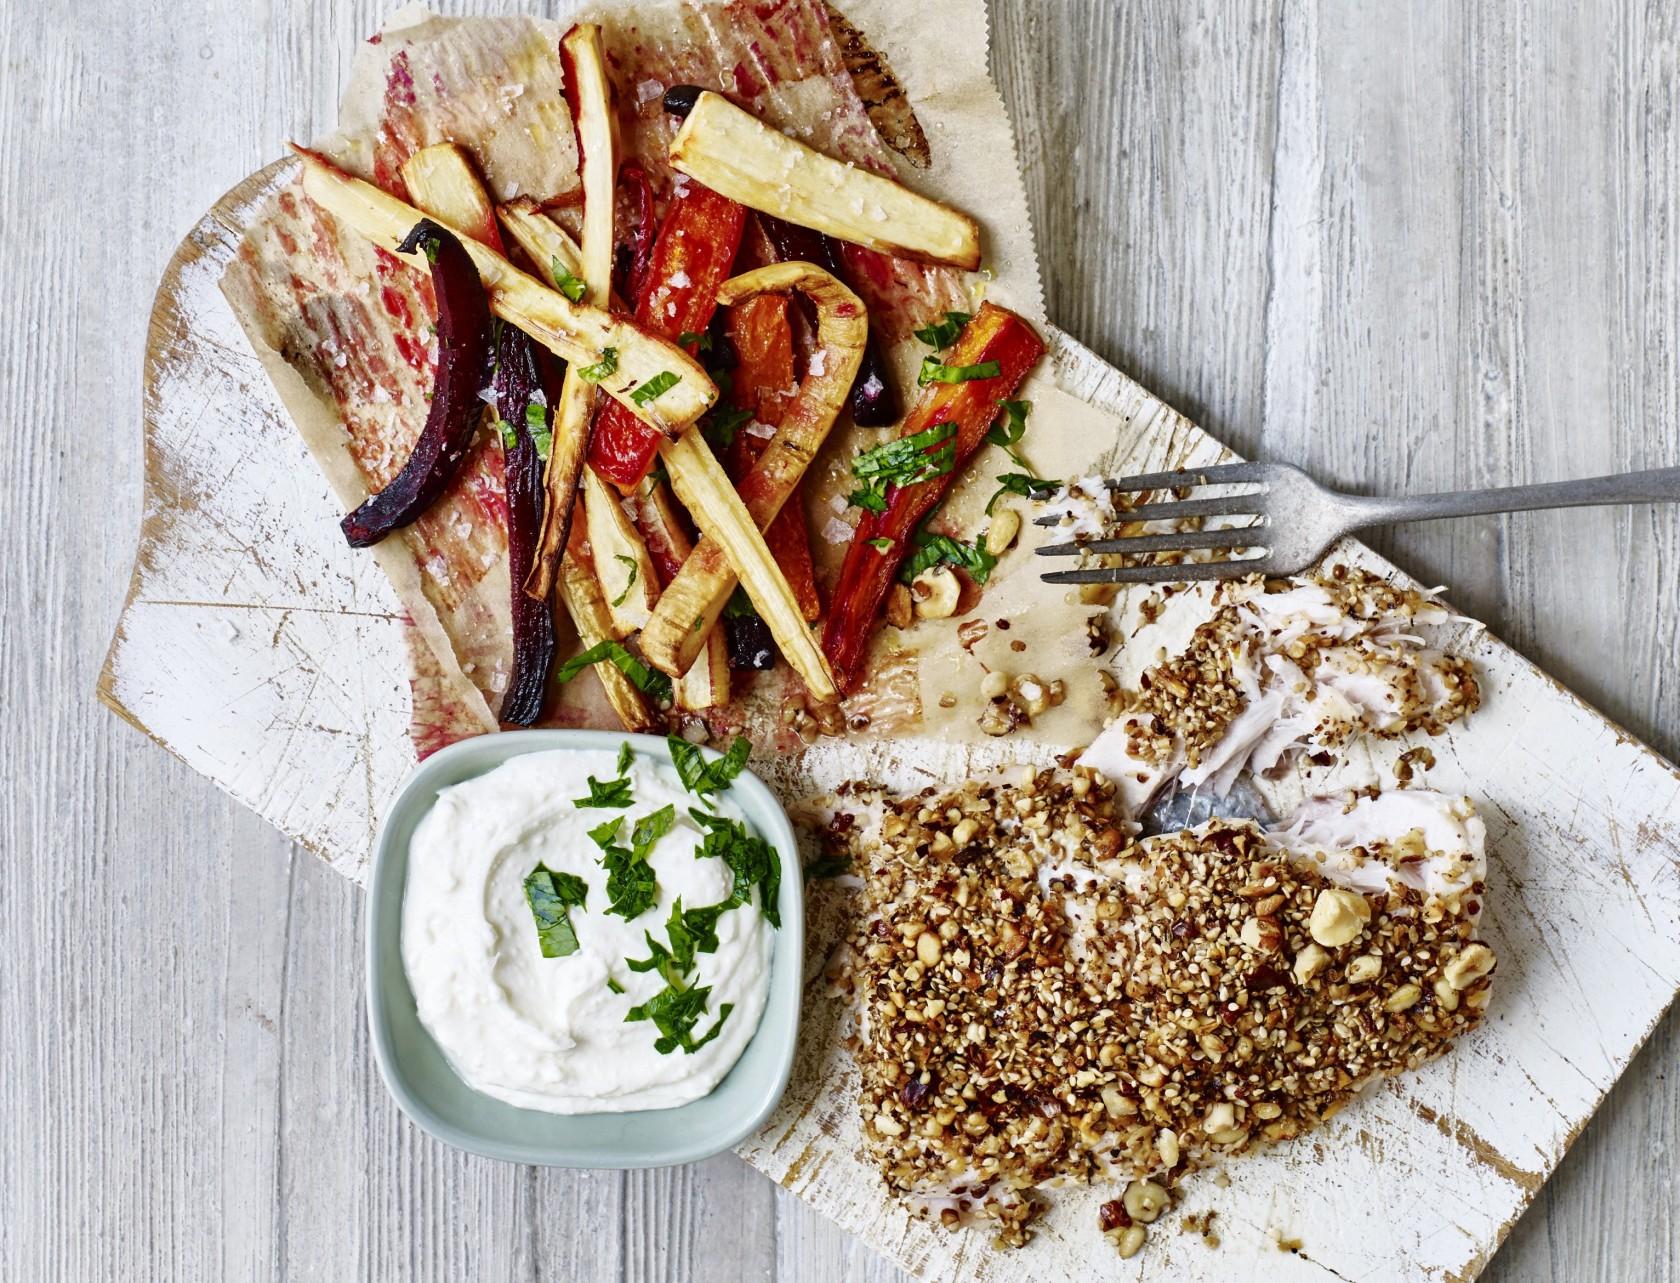 Dukkah-krydret kulmule med rodfrugtfritter og fetadip